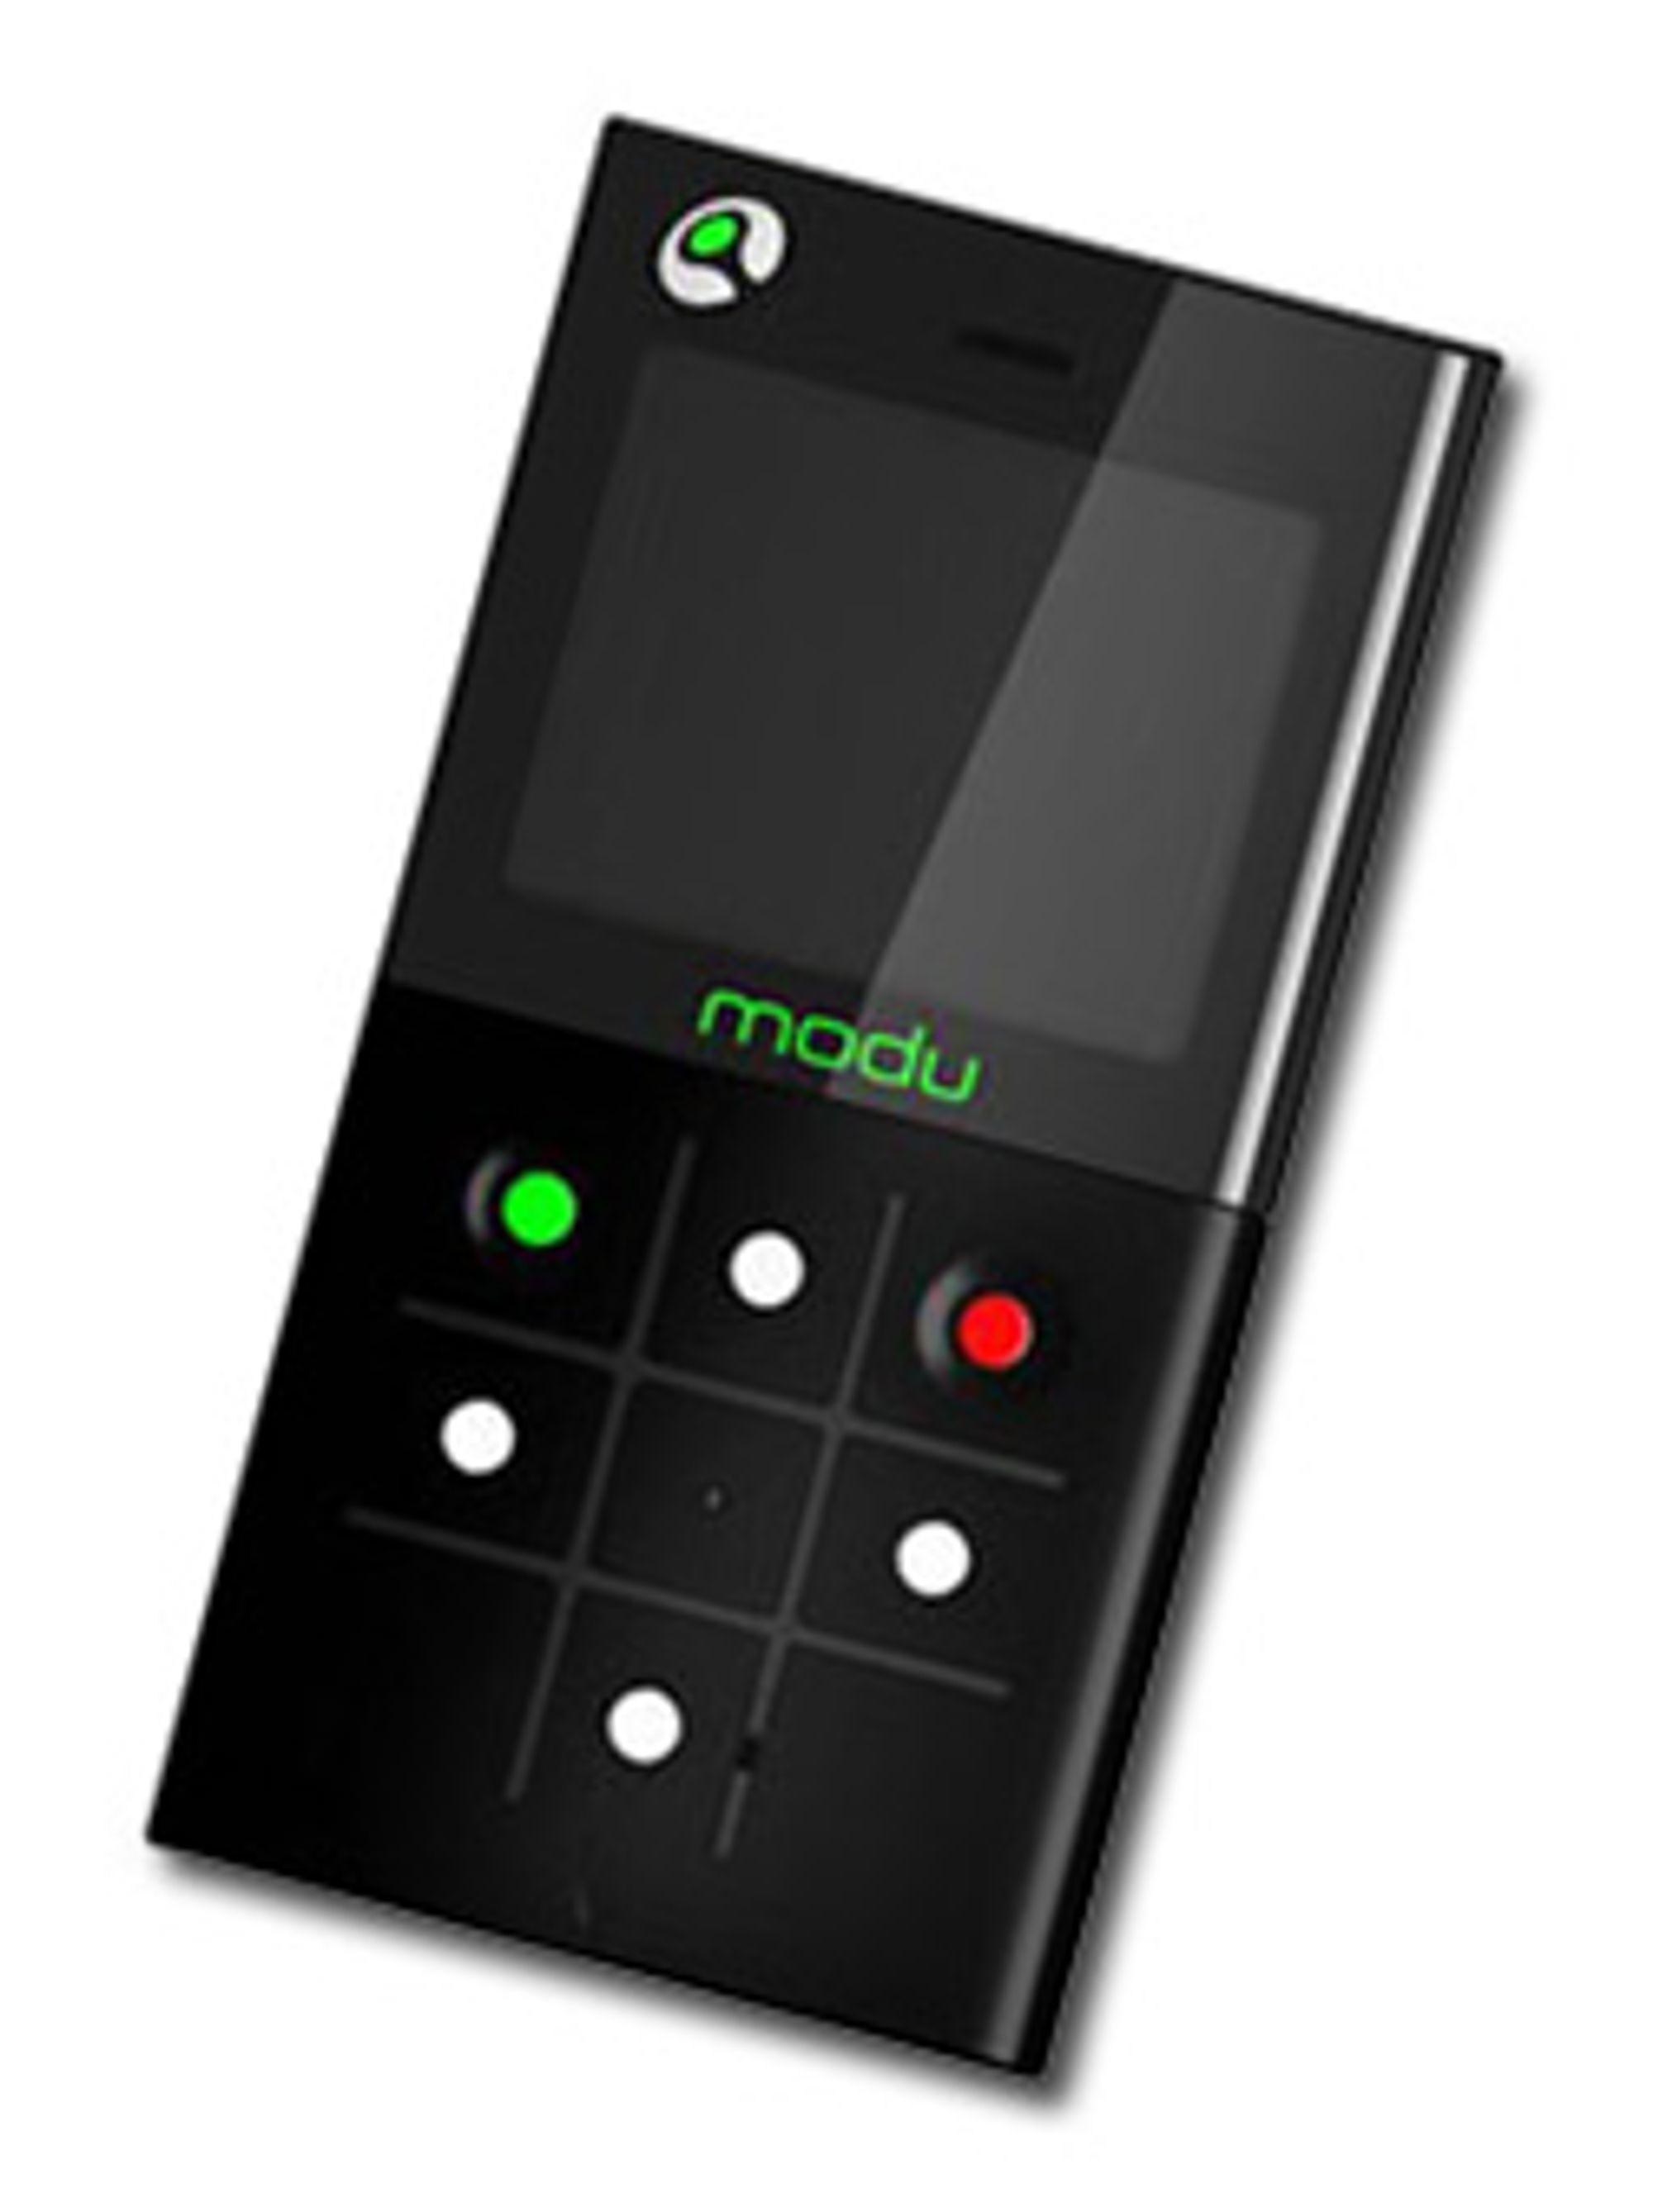 Slik ser verdens letteste mobil ut. (Foto: Yahoo Tech)